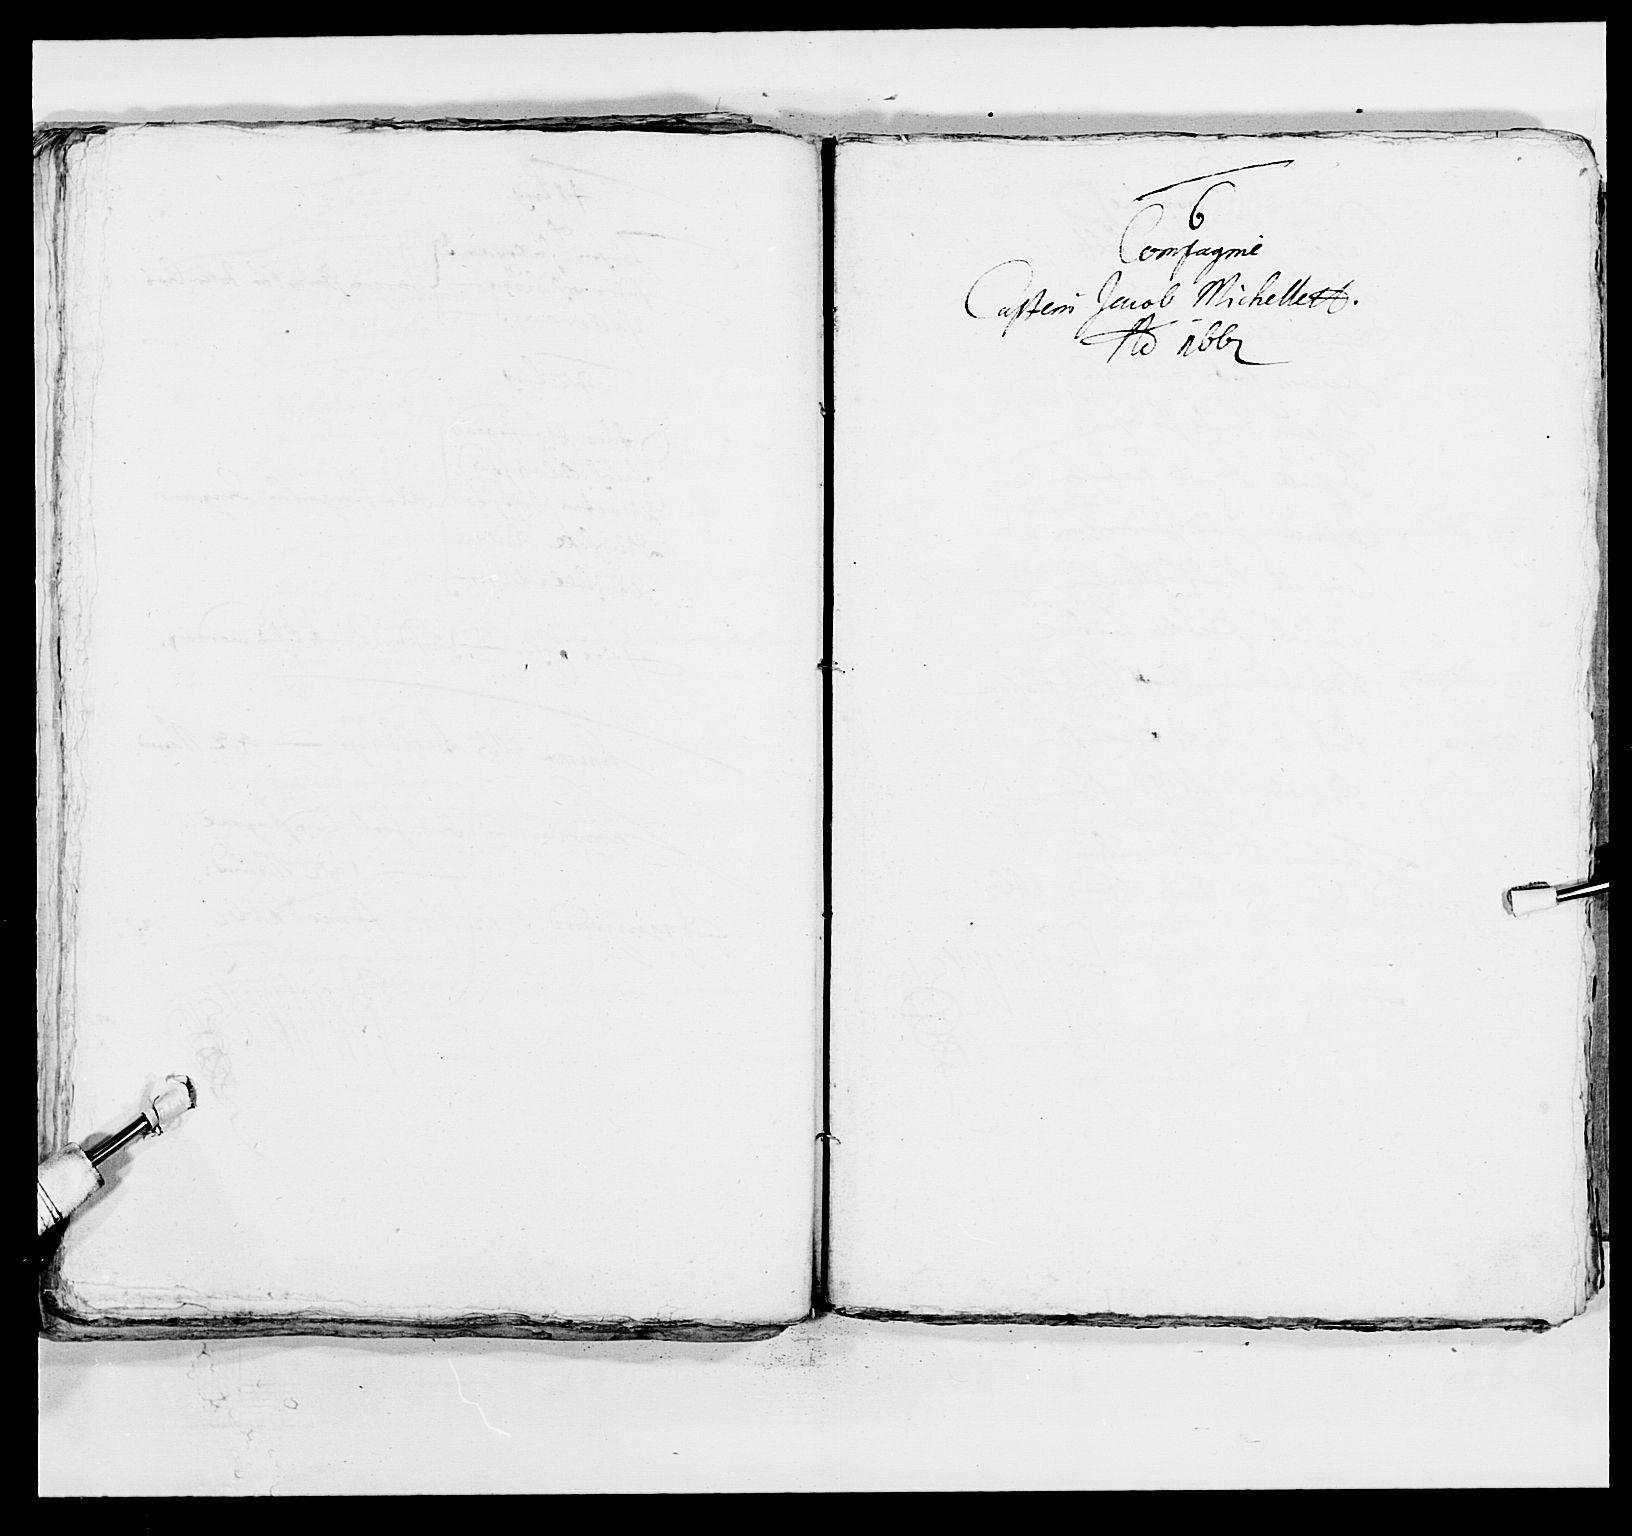 RA, Kommanderende general (KG I) med Det norske krigsdirektorium, E/Ea/L0498: Opplandske regiment, 1662-1689, s. 81